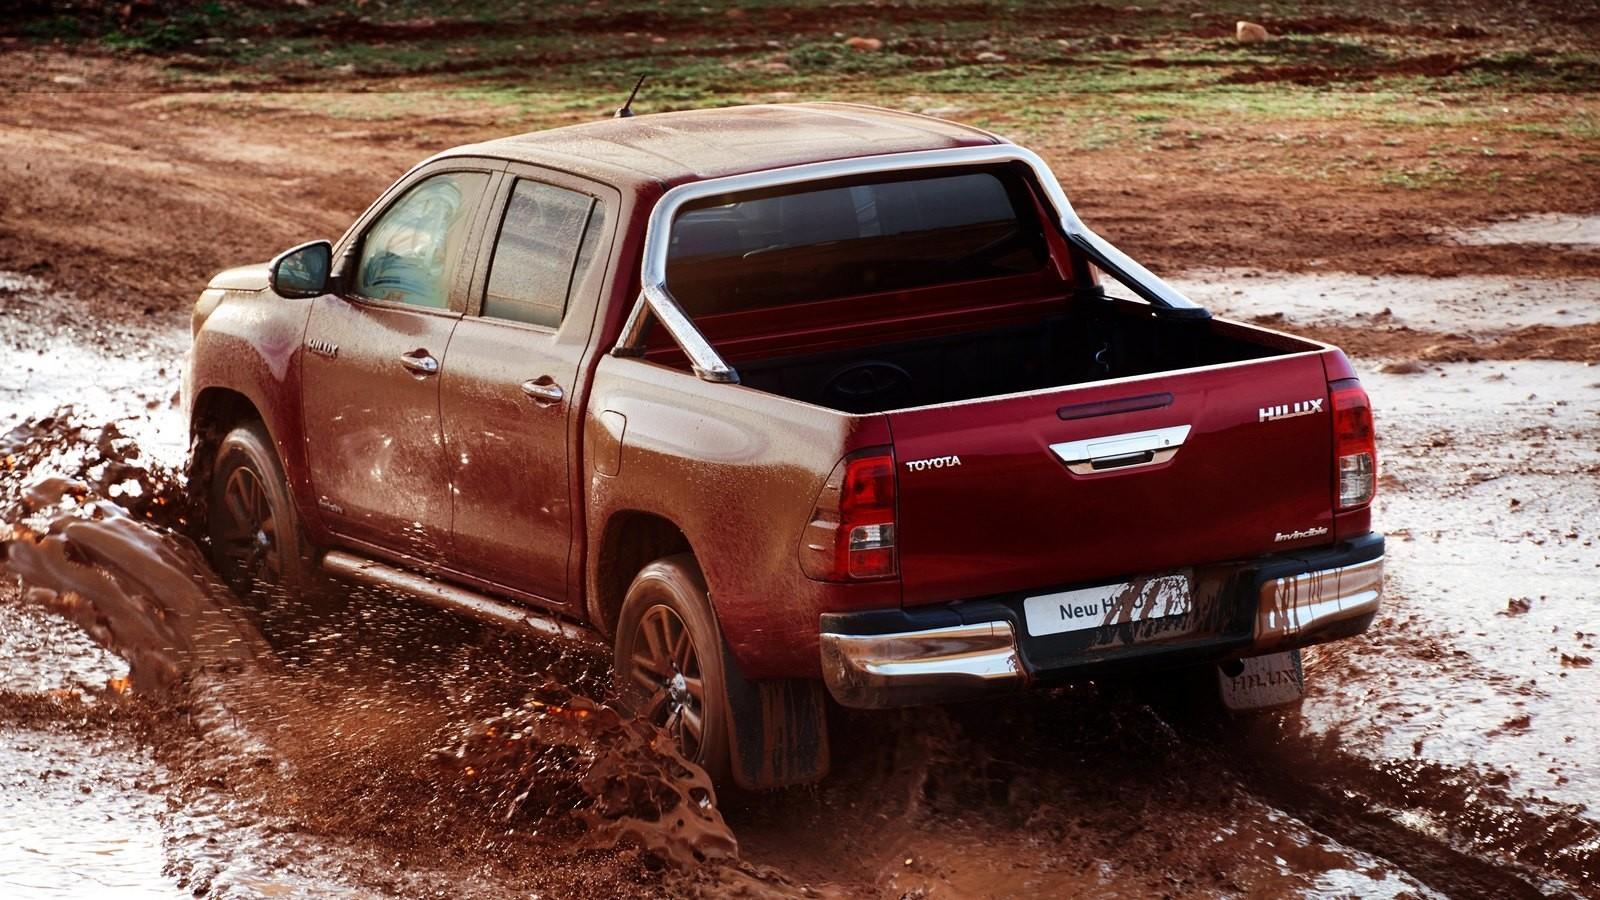 УАЗ Pickup стал лидером русского рынка пикапов всередине сентября 2016г.